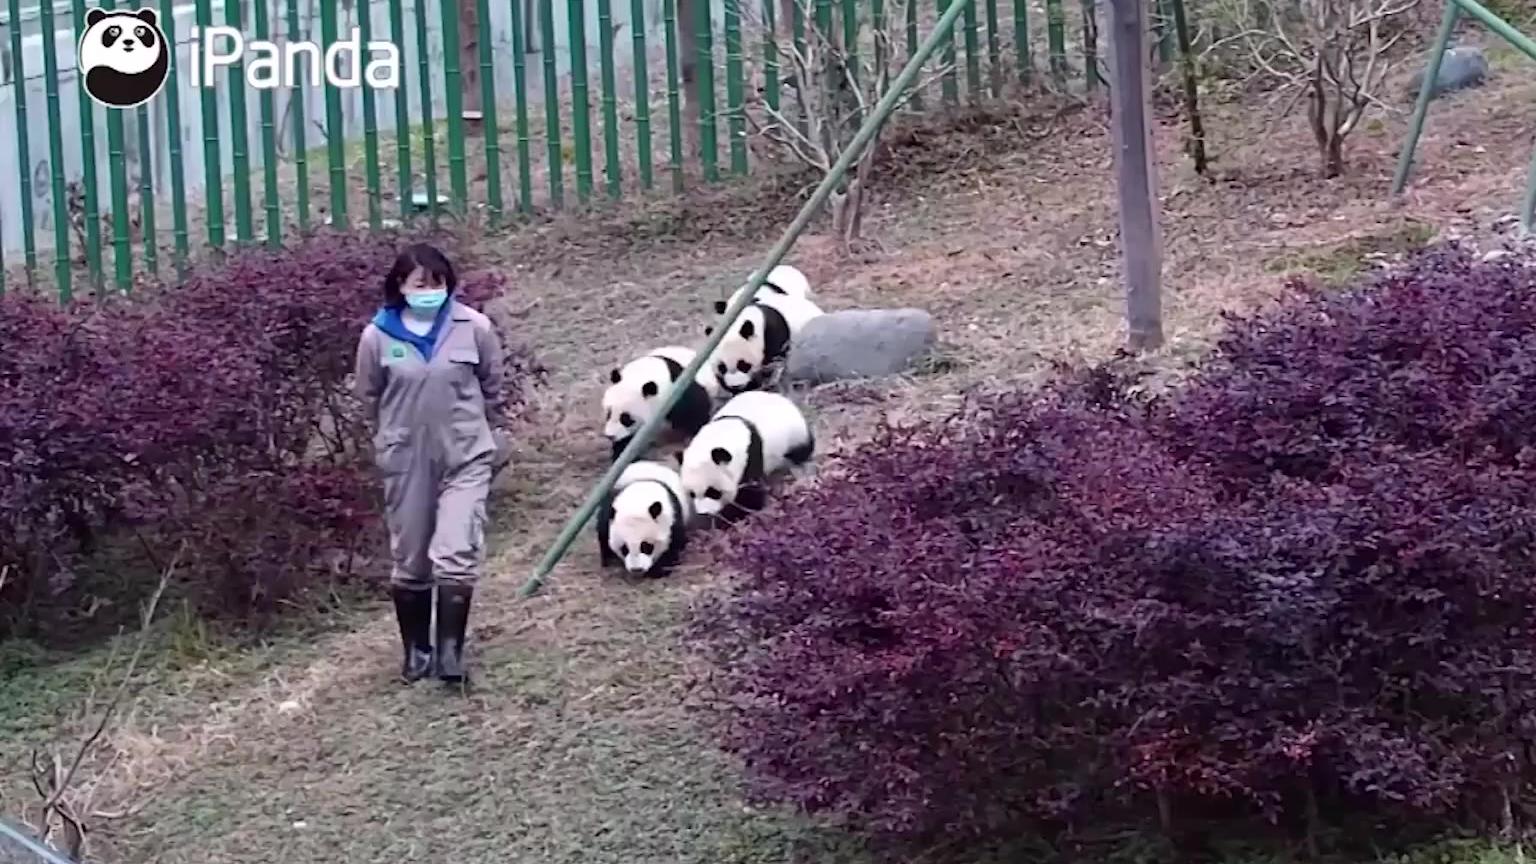 饲养员在前面走,后面跟着一群小胖哒